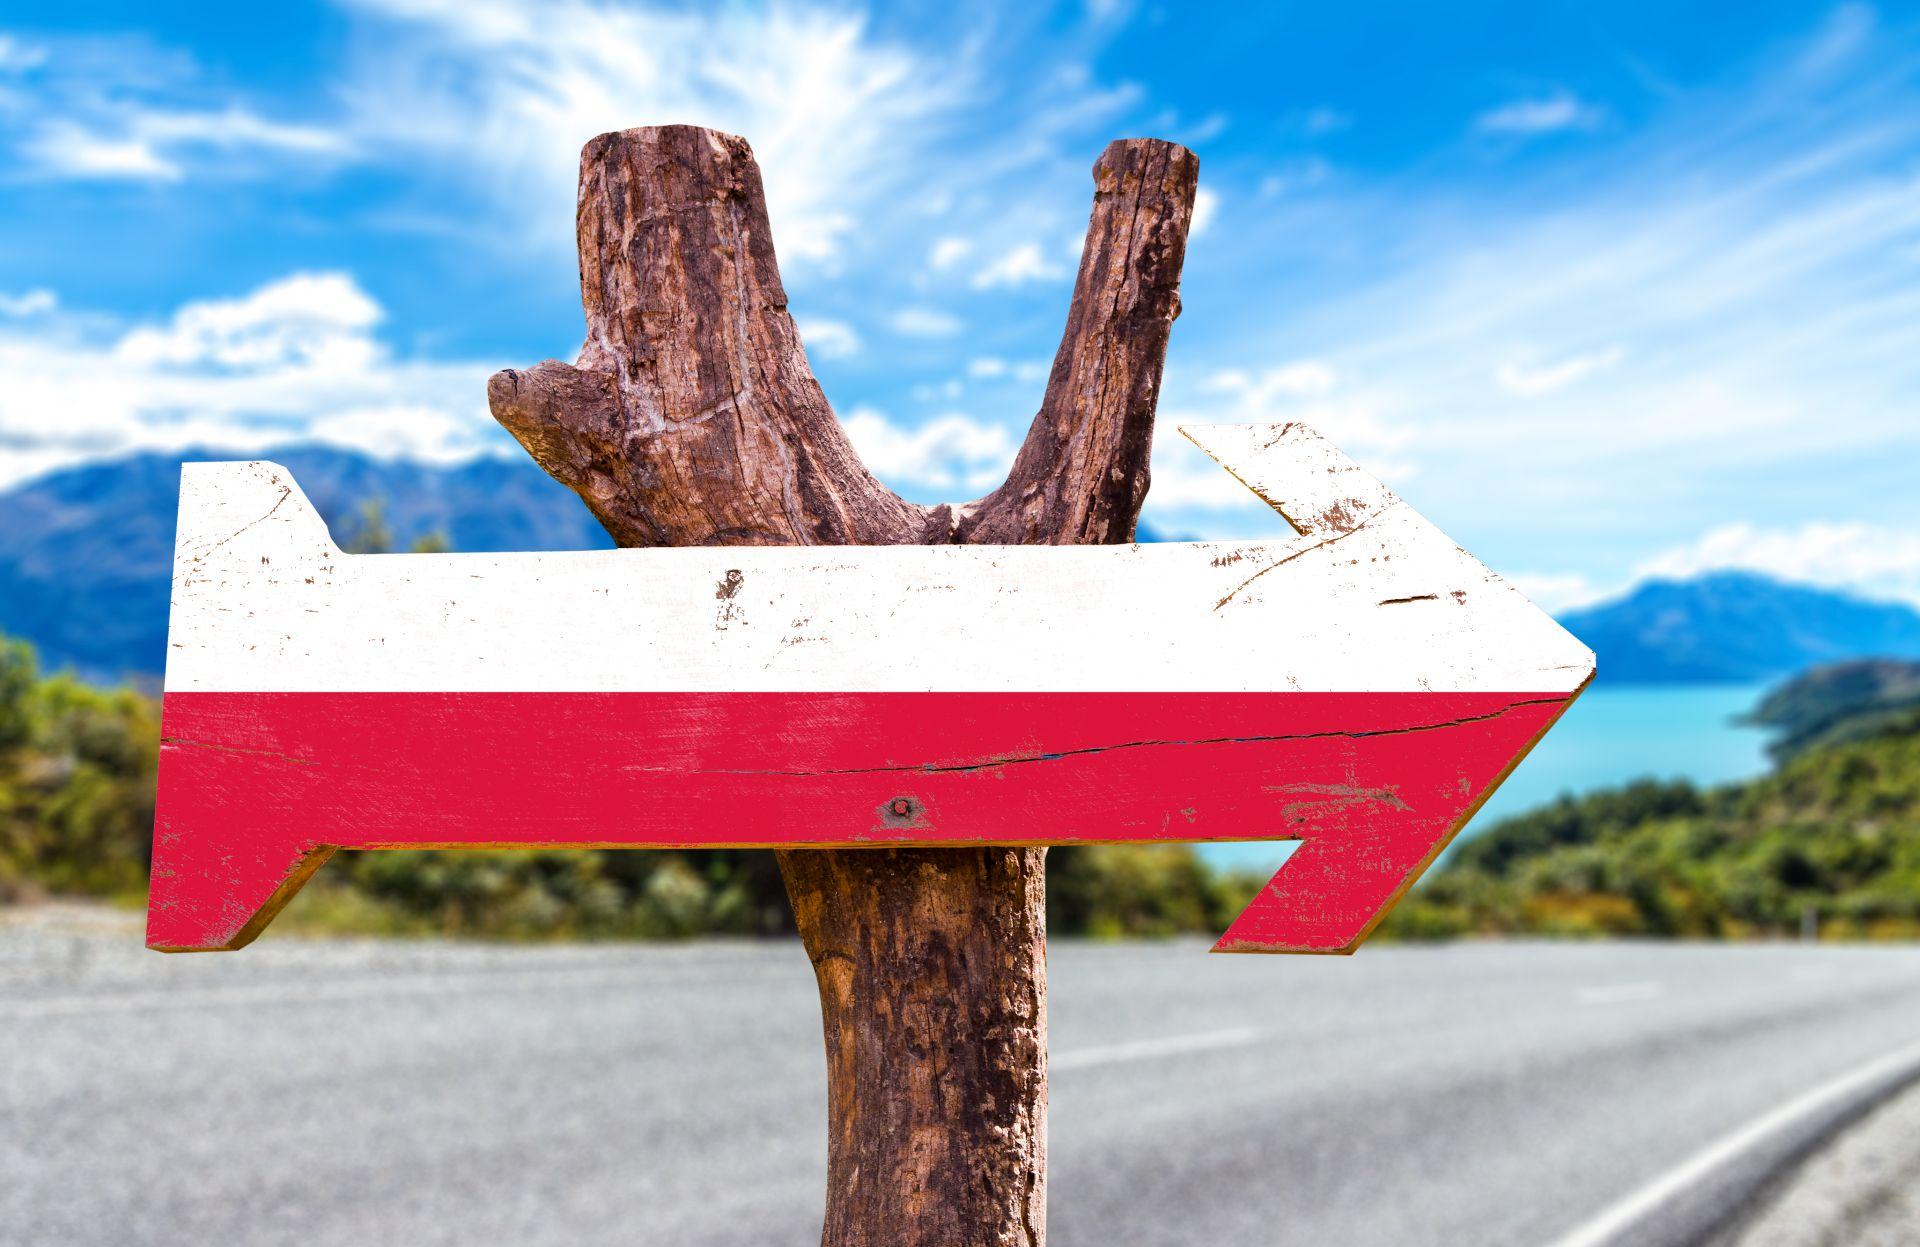 biało-czerwona strzałka skierowana na wschód jako drogowskaz